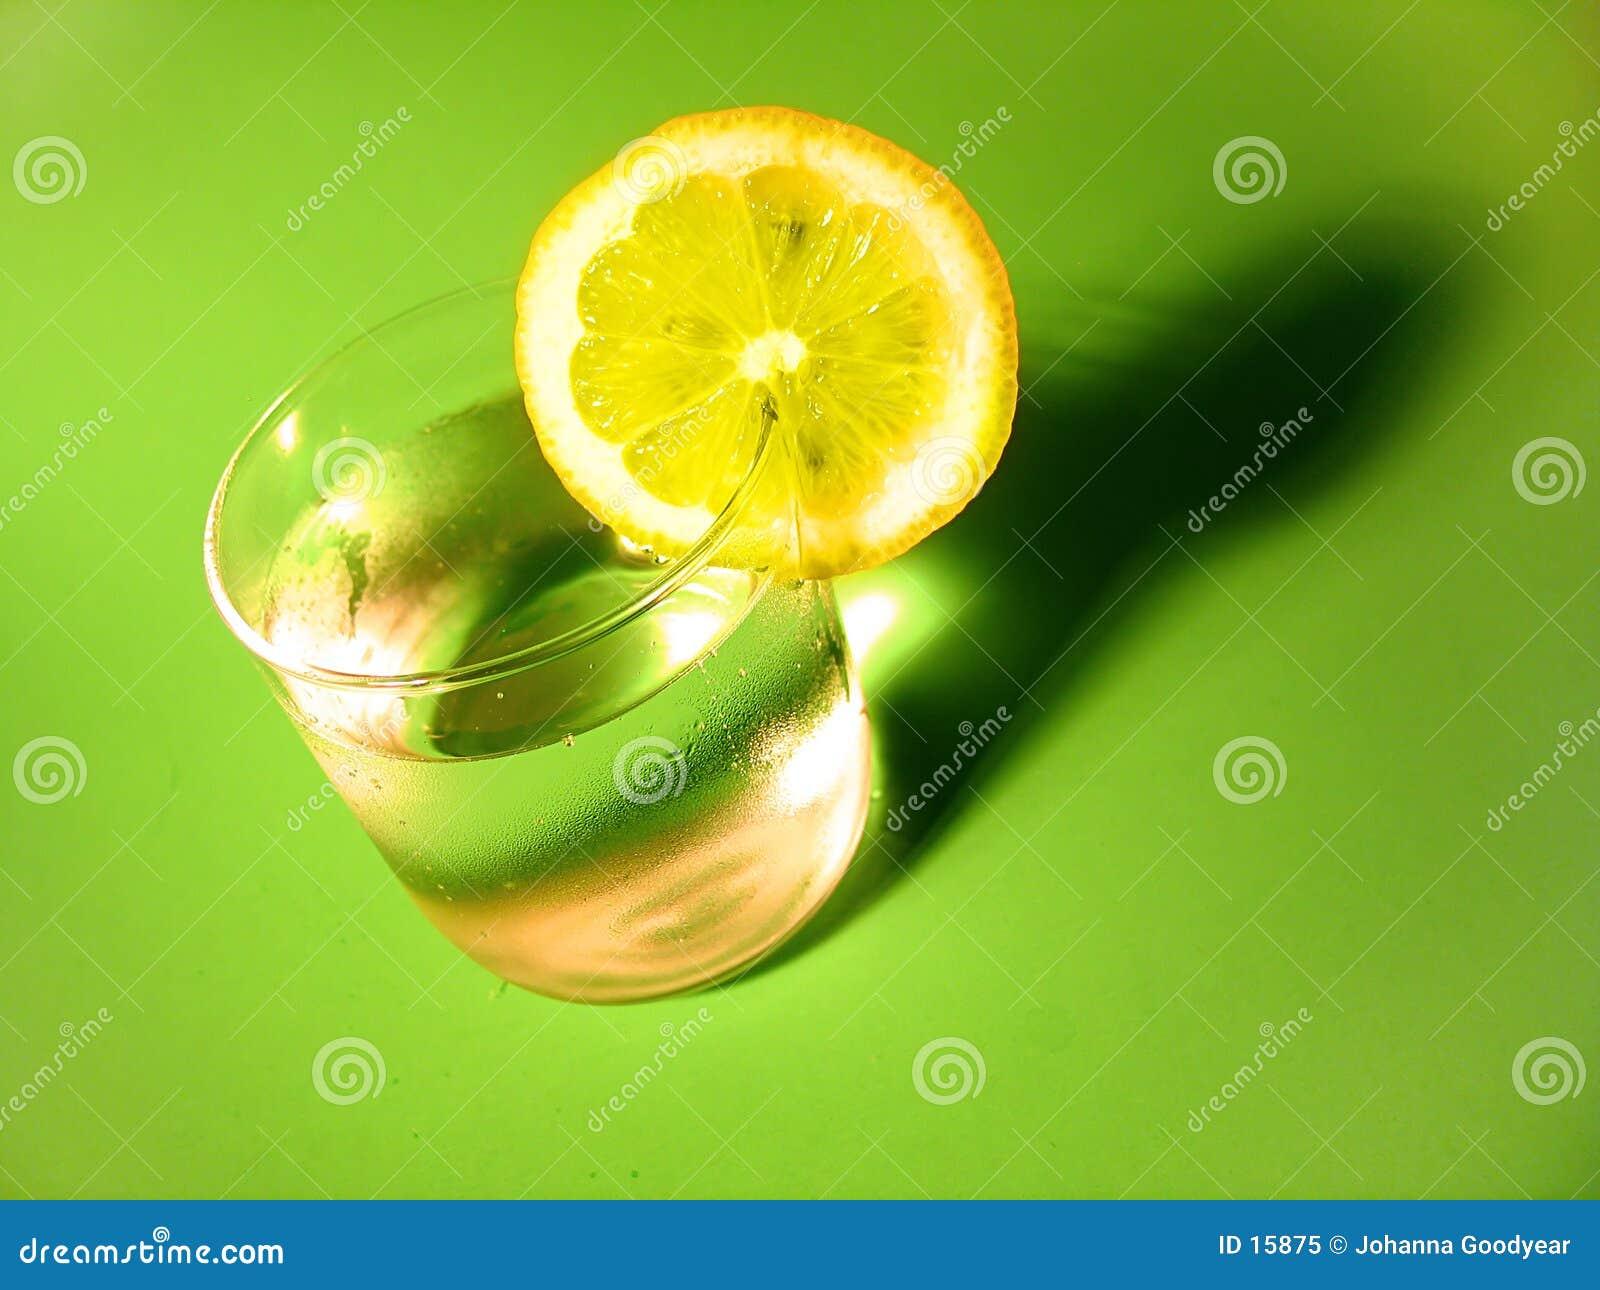 Lemon Water 4